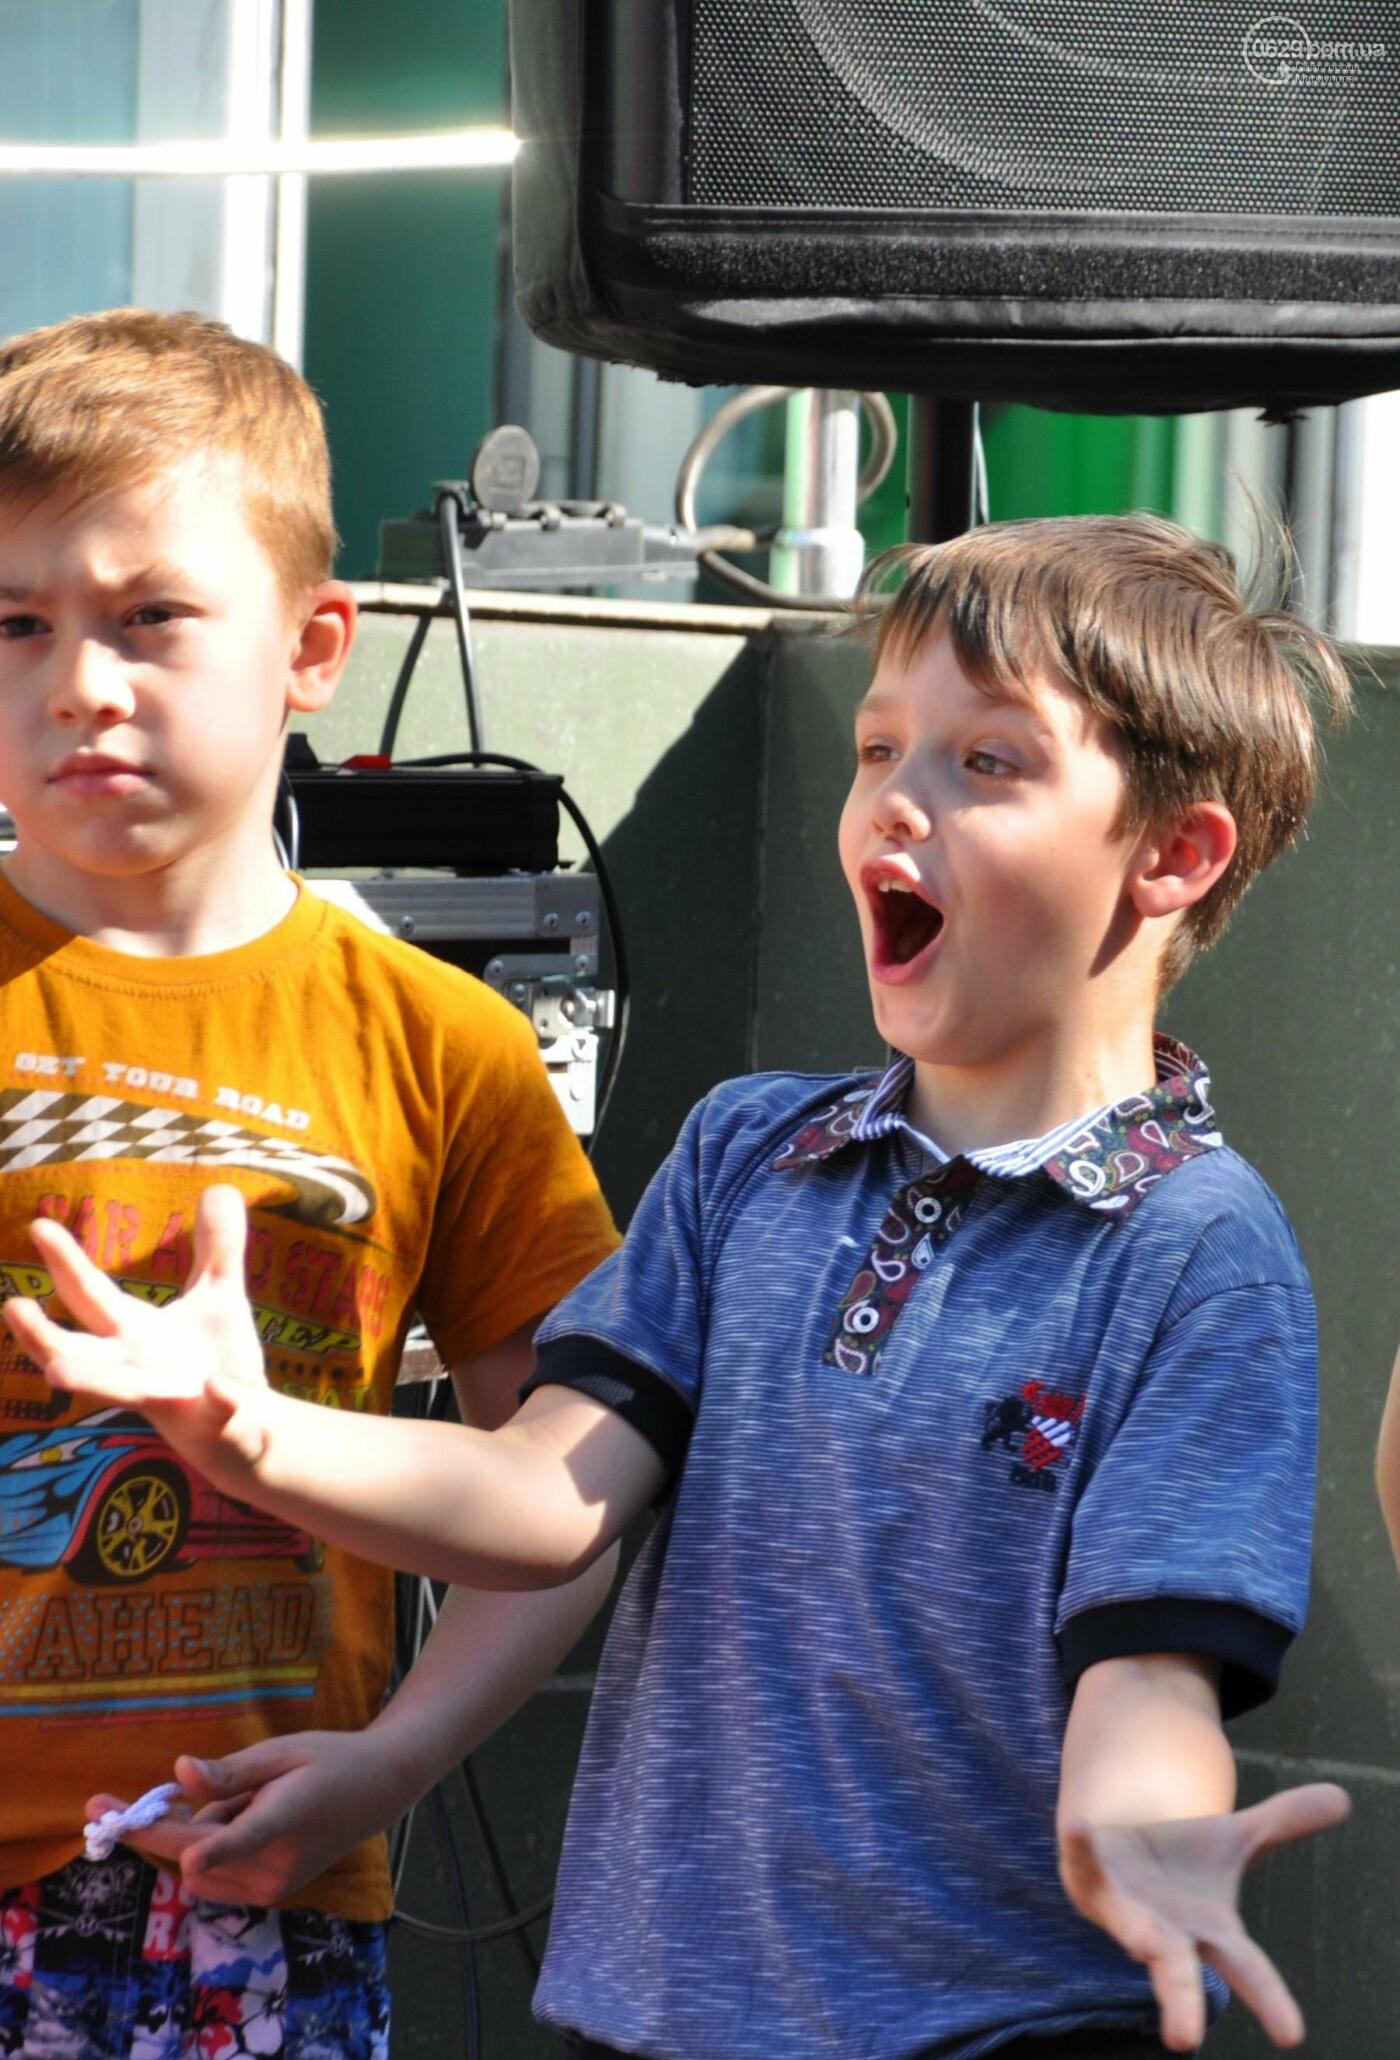 В аптеке «Азовфарм» провели праздник для детей и разыграли призы, фото-20